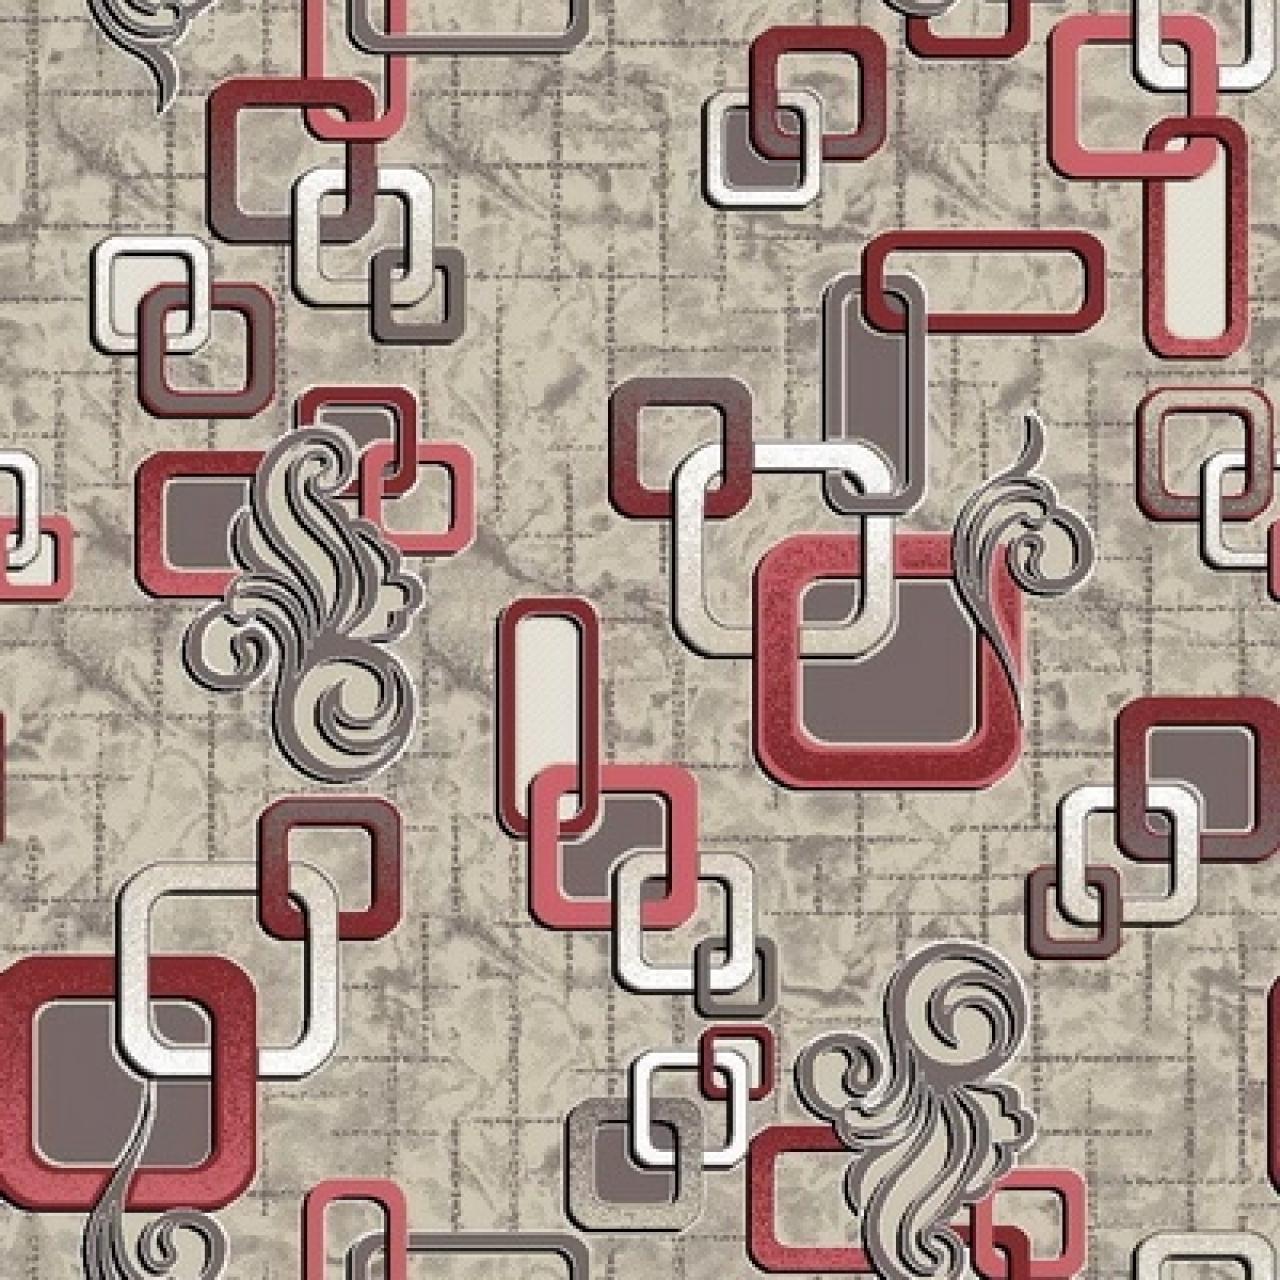 Ковер p1594c2p - 104 - Прямоугольник - коллекция принт обр 8-ми цветное полотно - фото 1